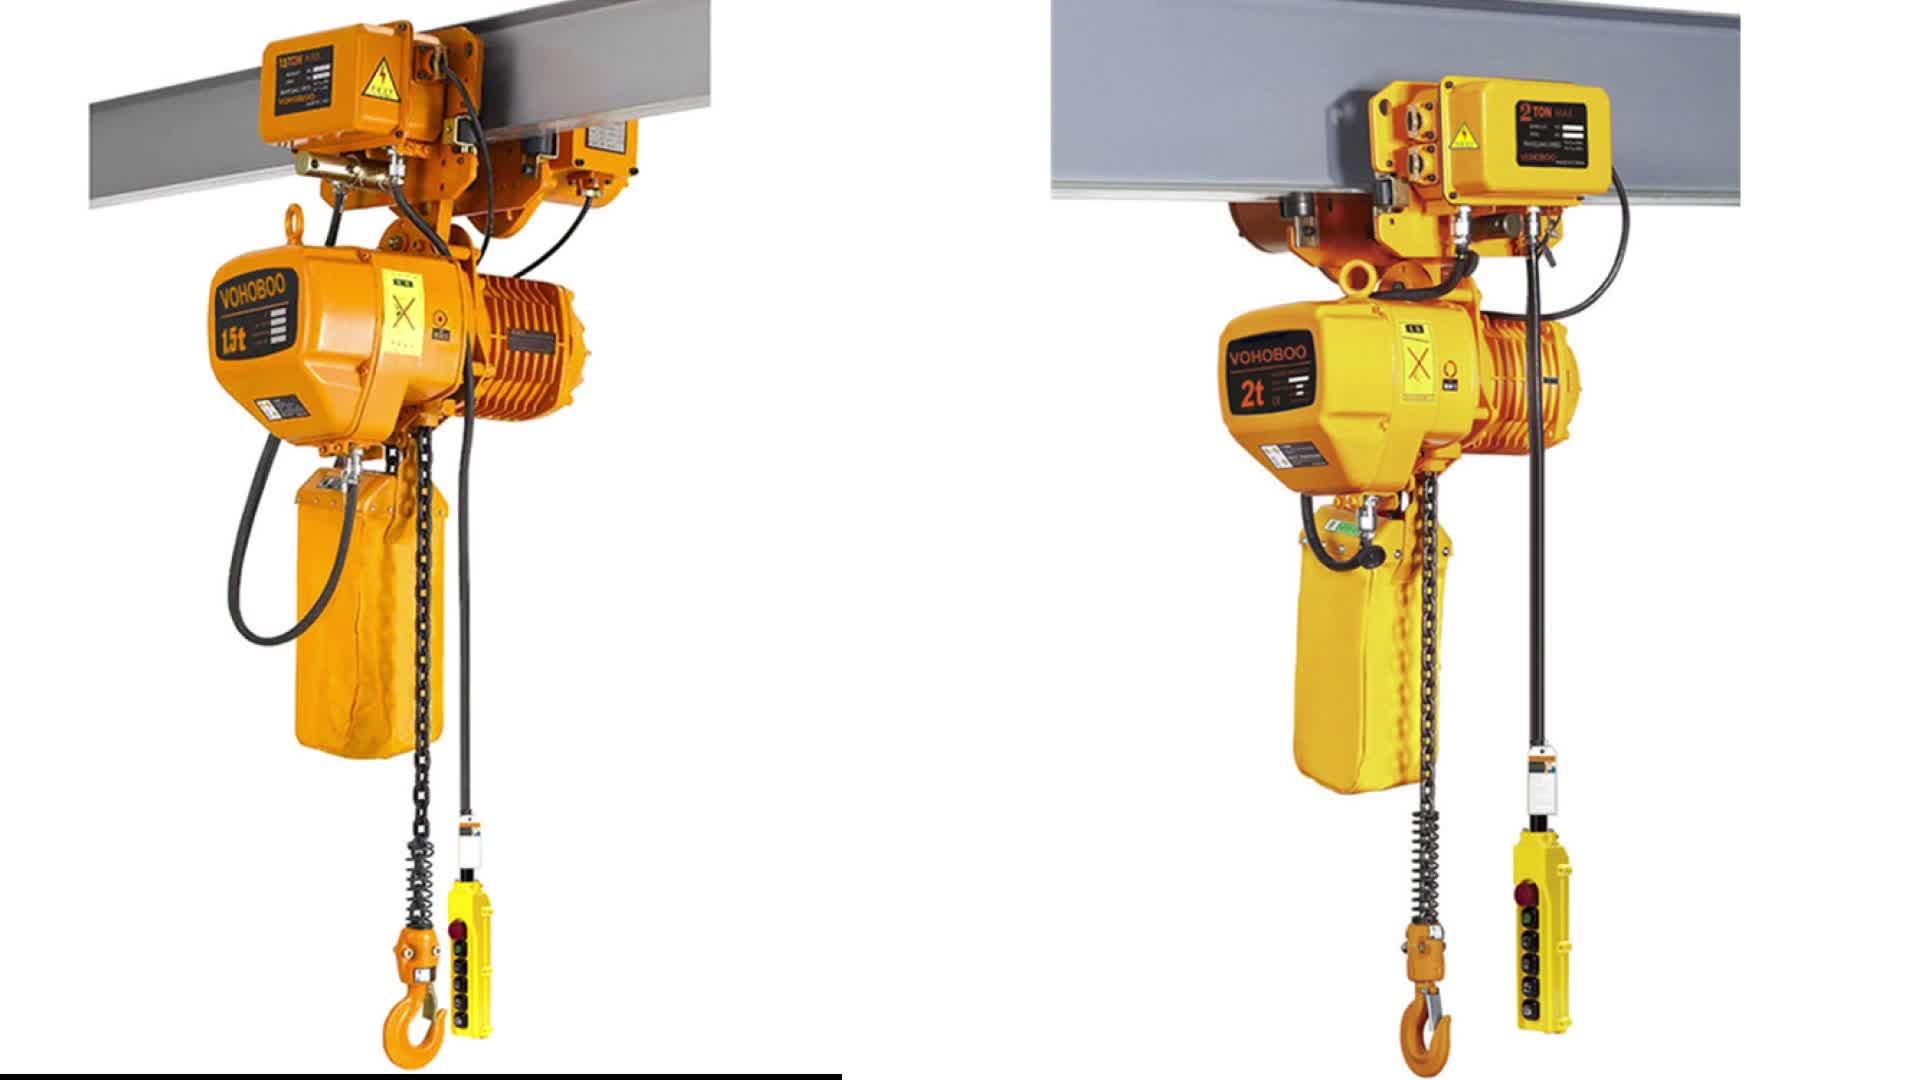 HHBB électrique grue de levage harga 1ton 2ton 3ton 5ton 10 tonnes 15 tonnes en stock